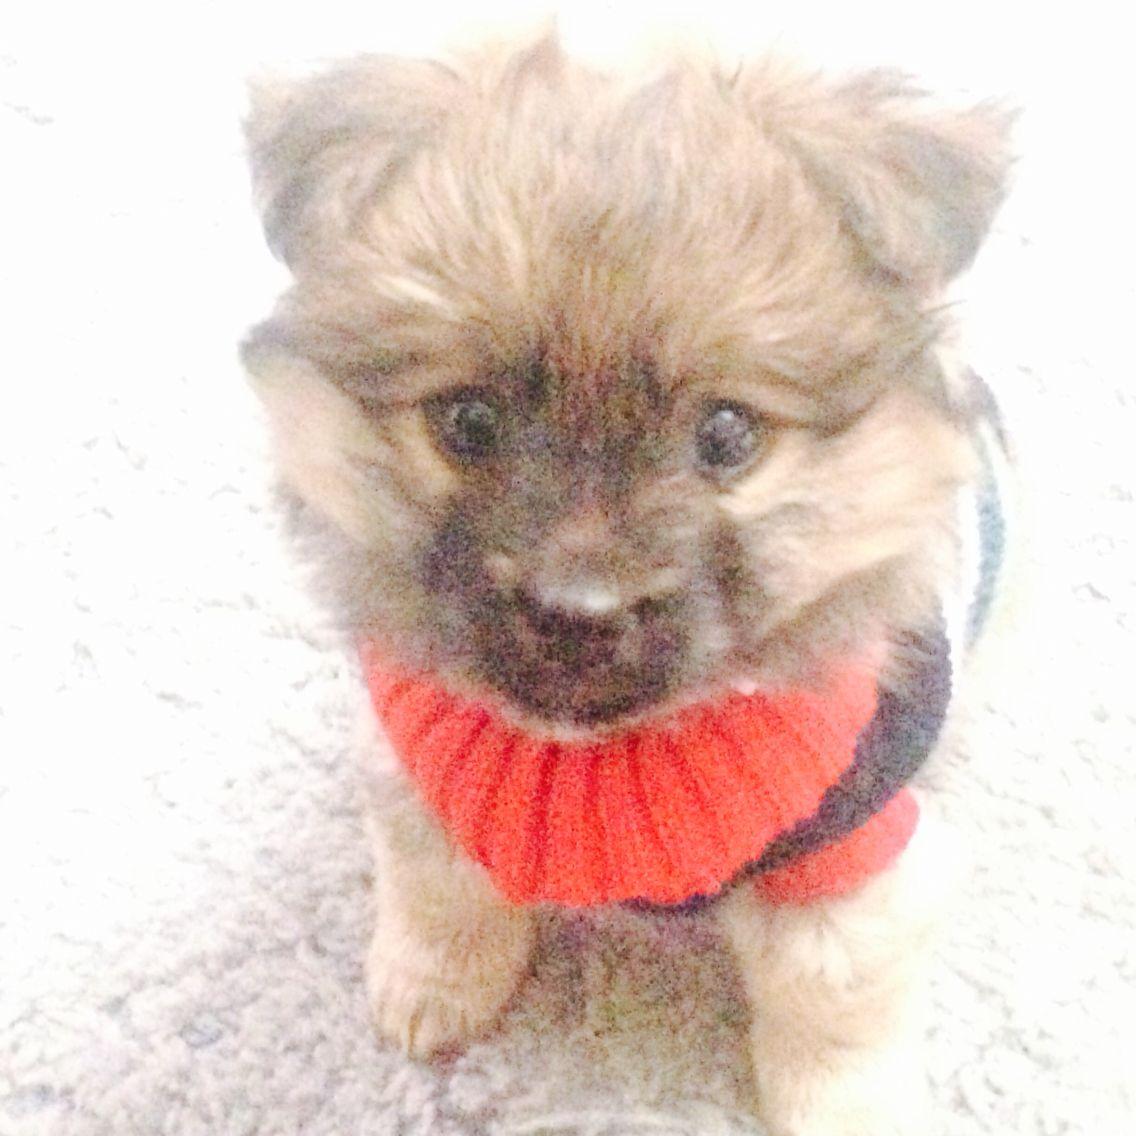 Koda in his sweater